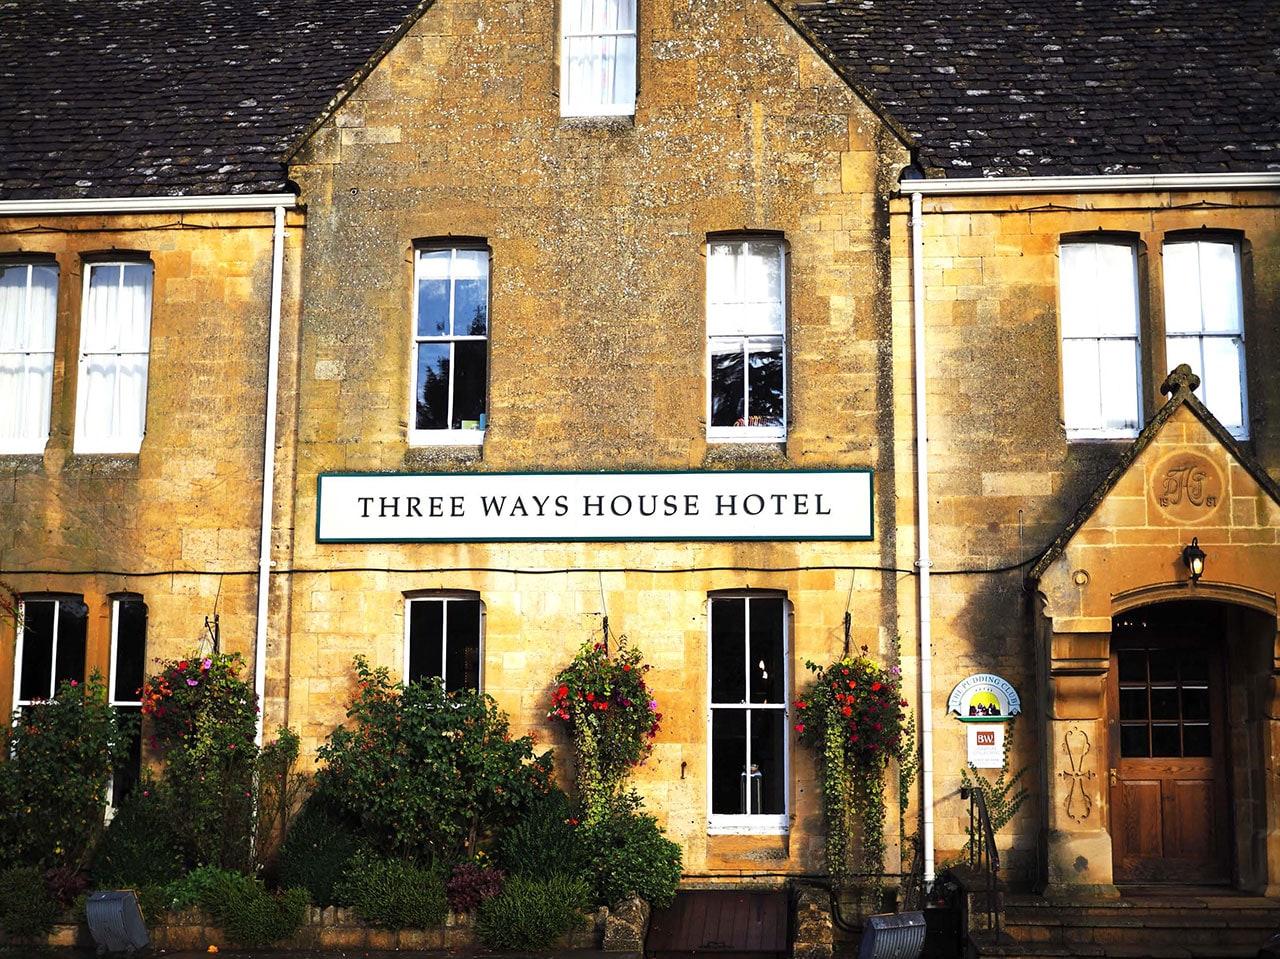 スリーウェイズハウスホテル